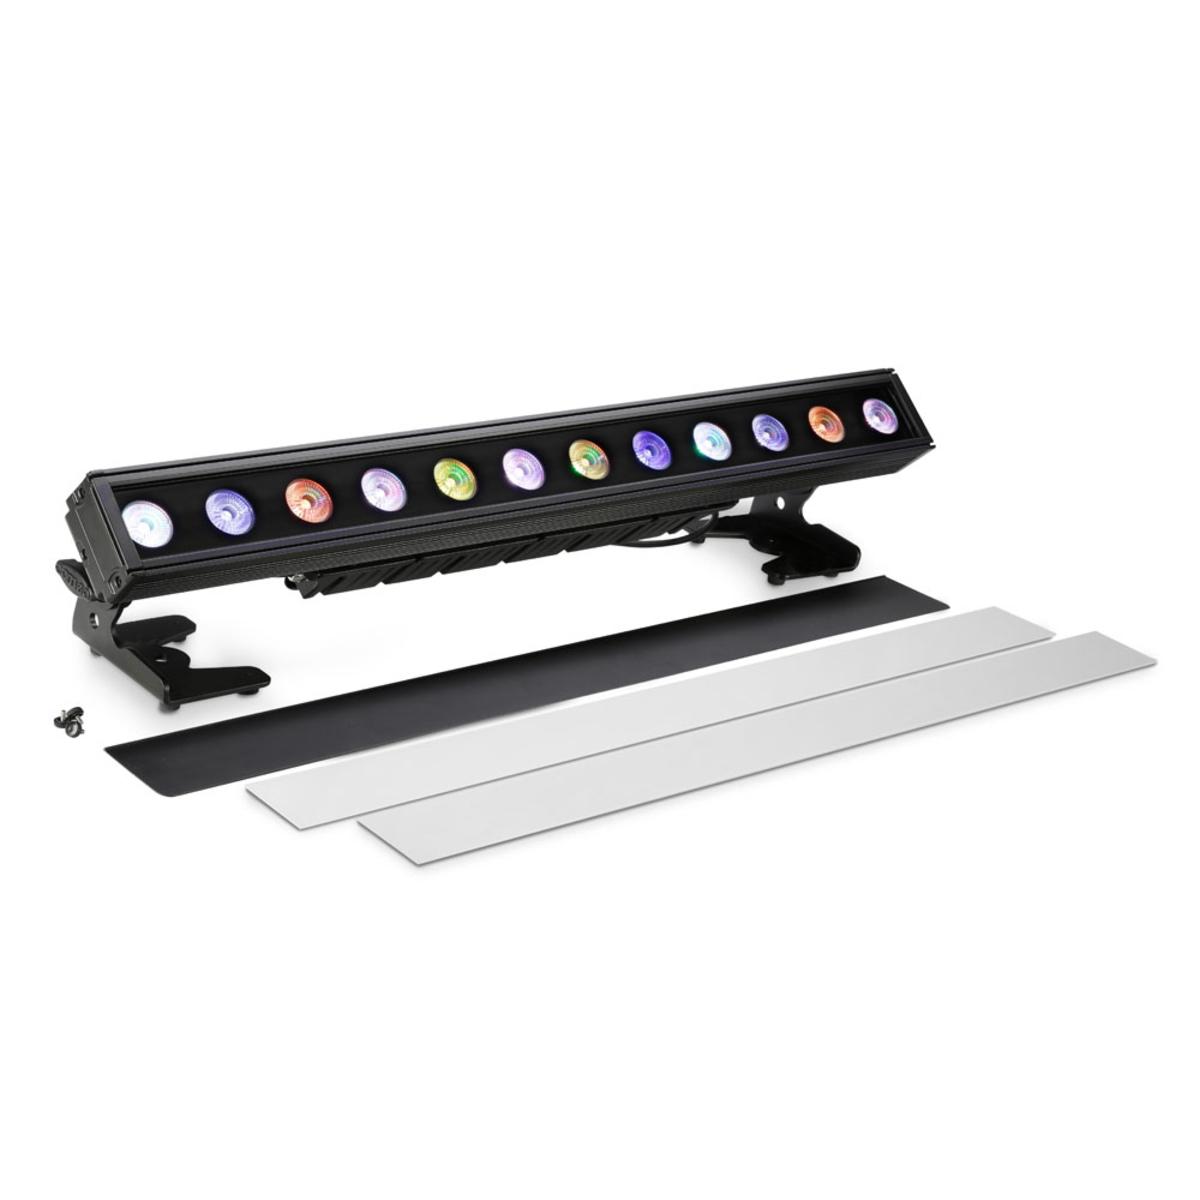 showtec cameleon bar 24 3 ip 65 led lichtleiste outdoor. Black Bedroom Furniture Sets. Home Design Ideas